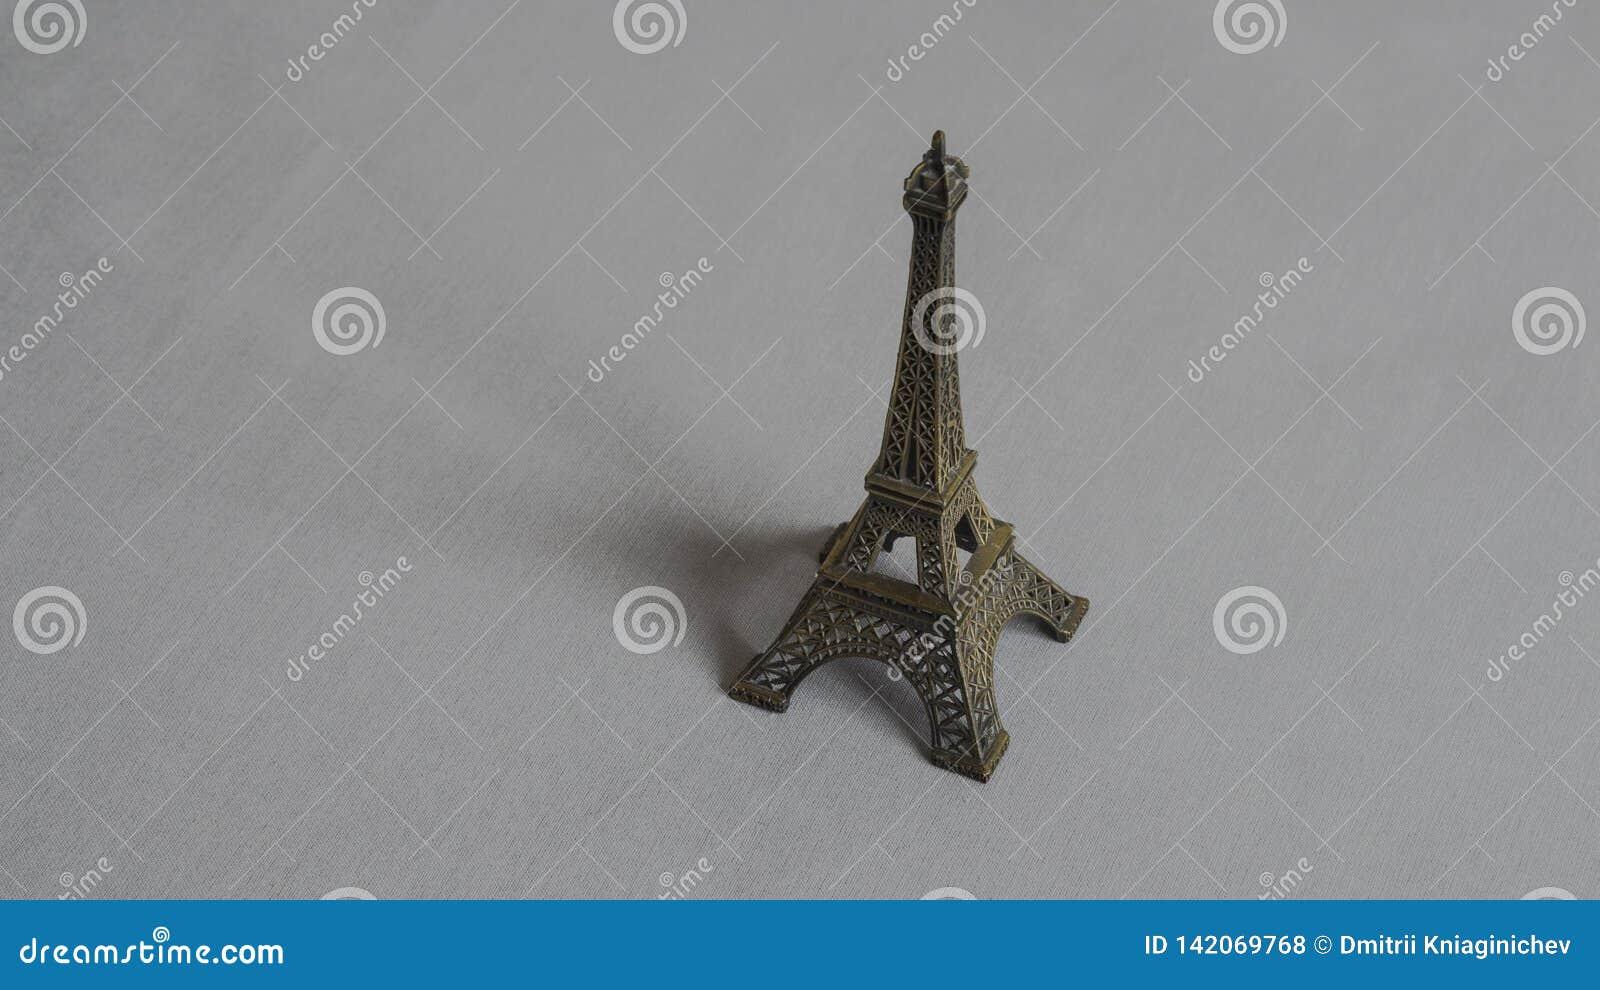 Эйфелева башня на серой предпосылке - изображение